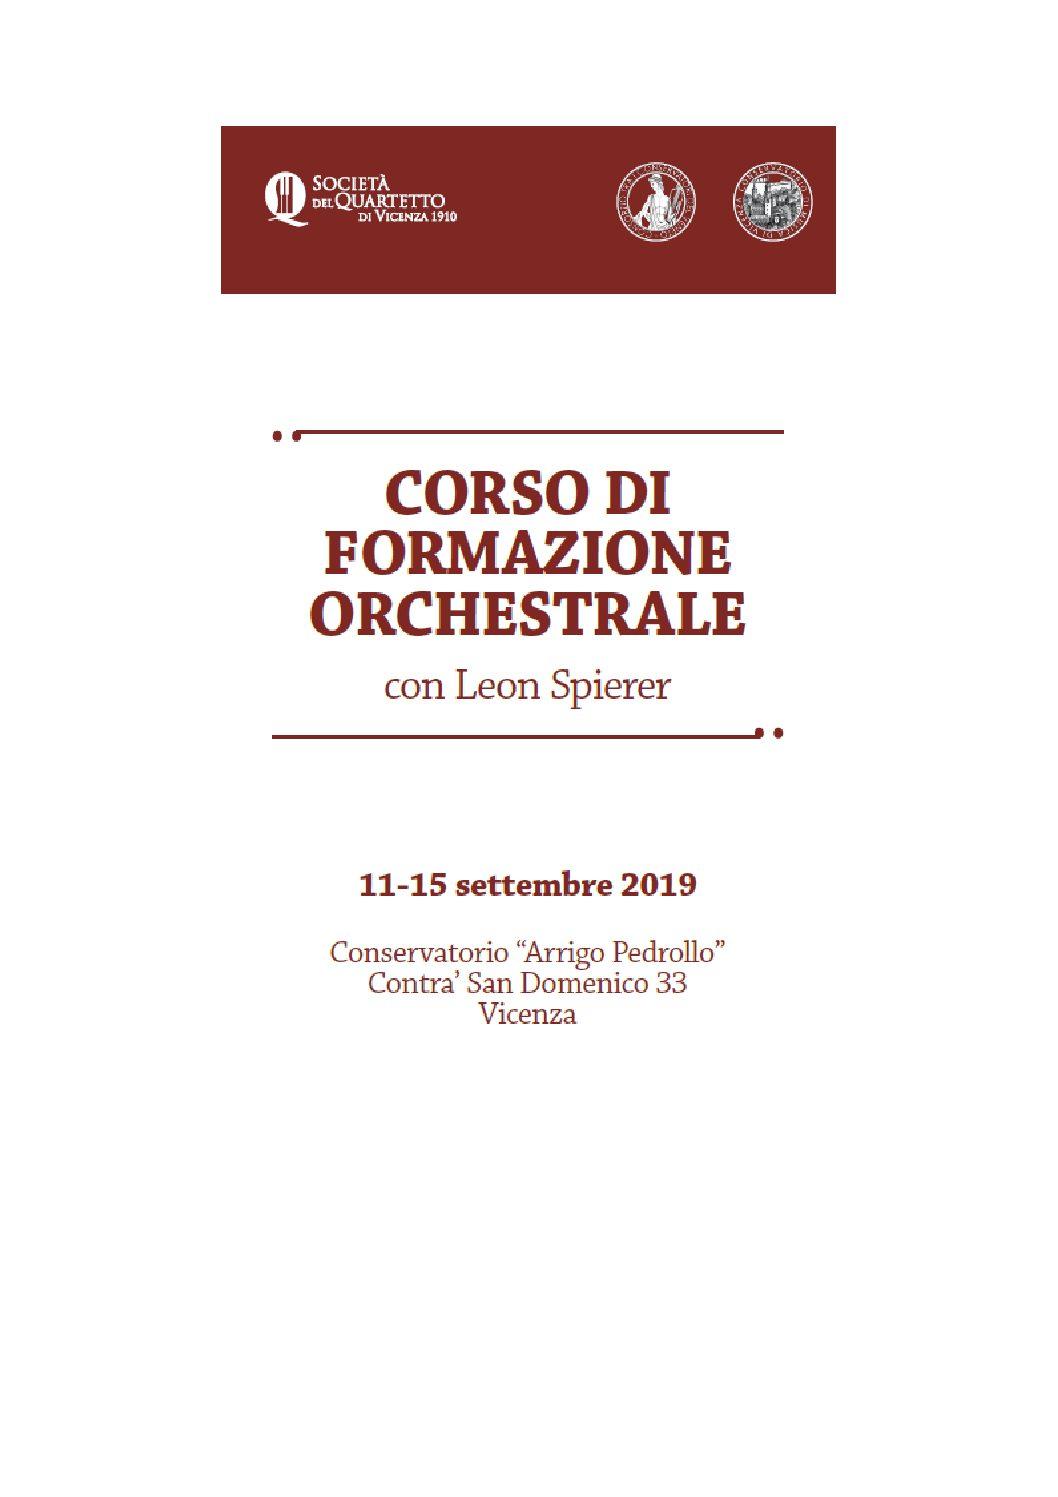 Corso di formazione orchestrale 2019 con L. Spierer